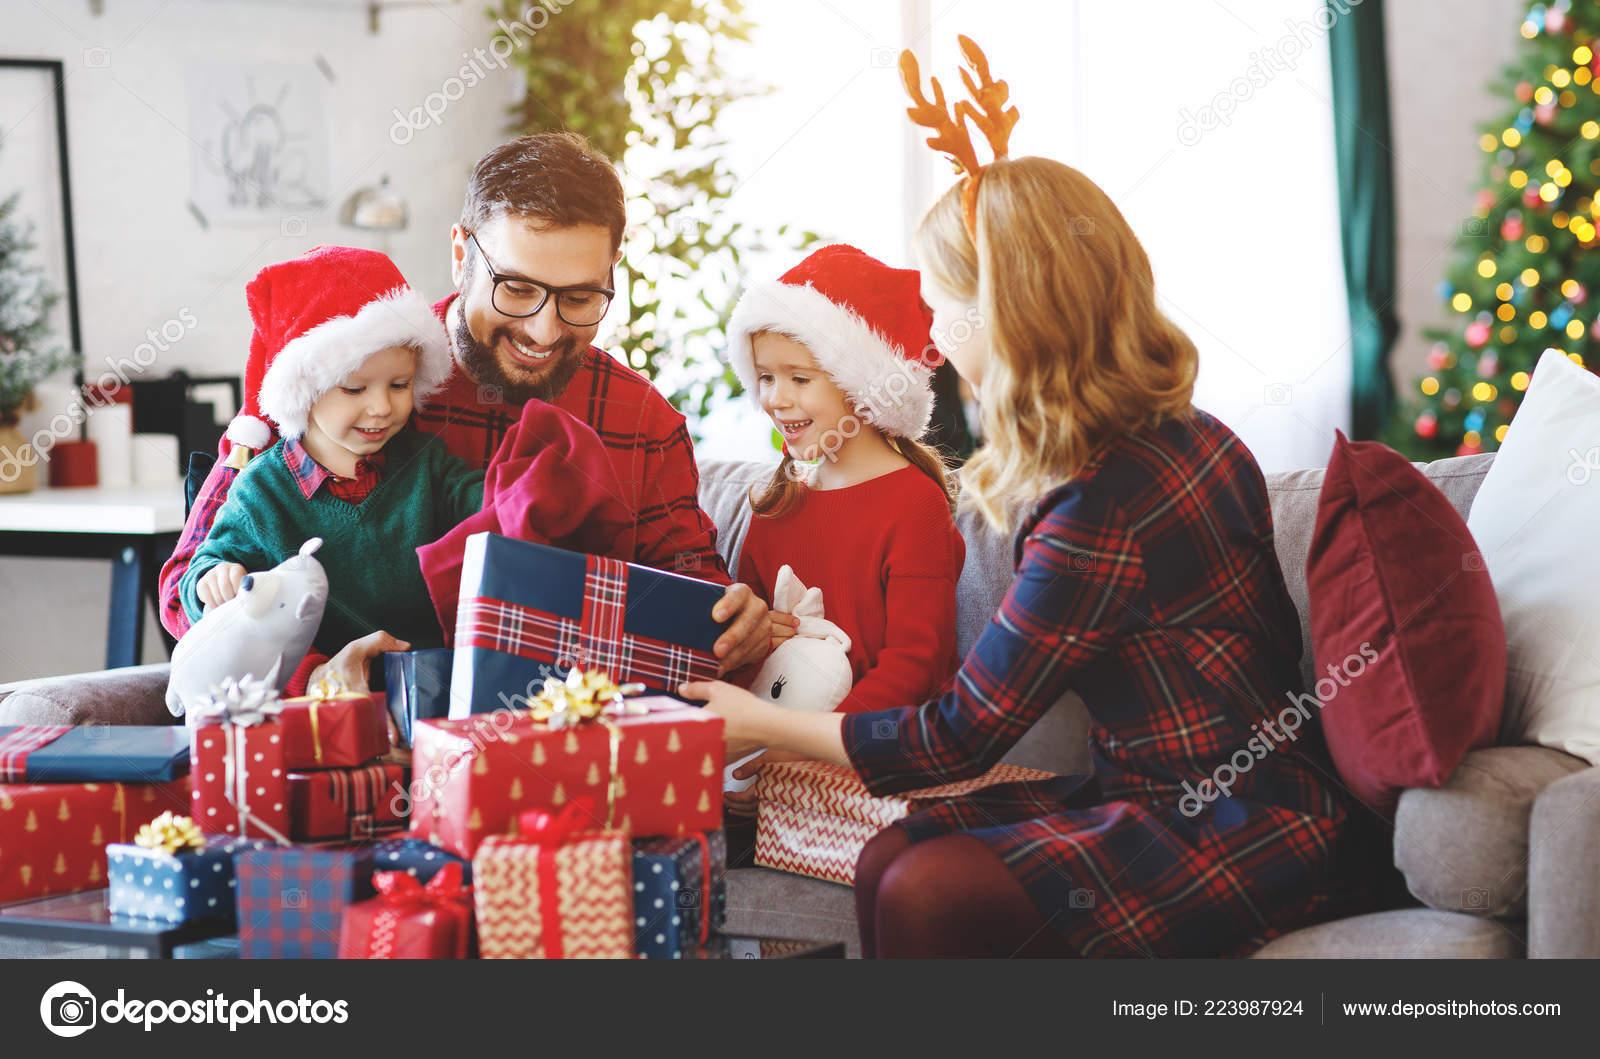 Gluckliche Familie Eltern Und Kinder Offnen Geschenke Weihnachten